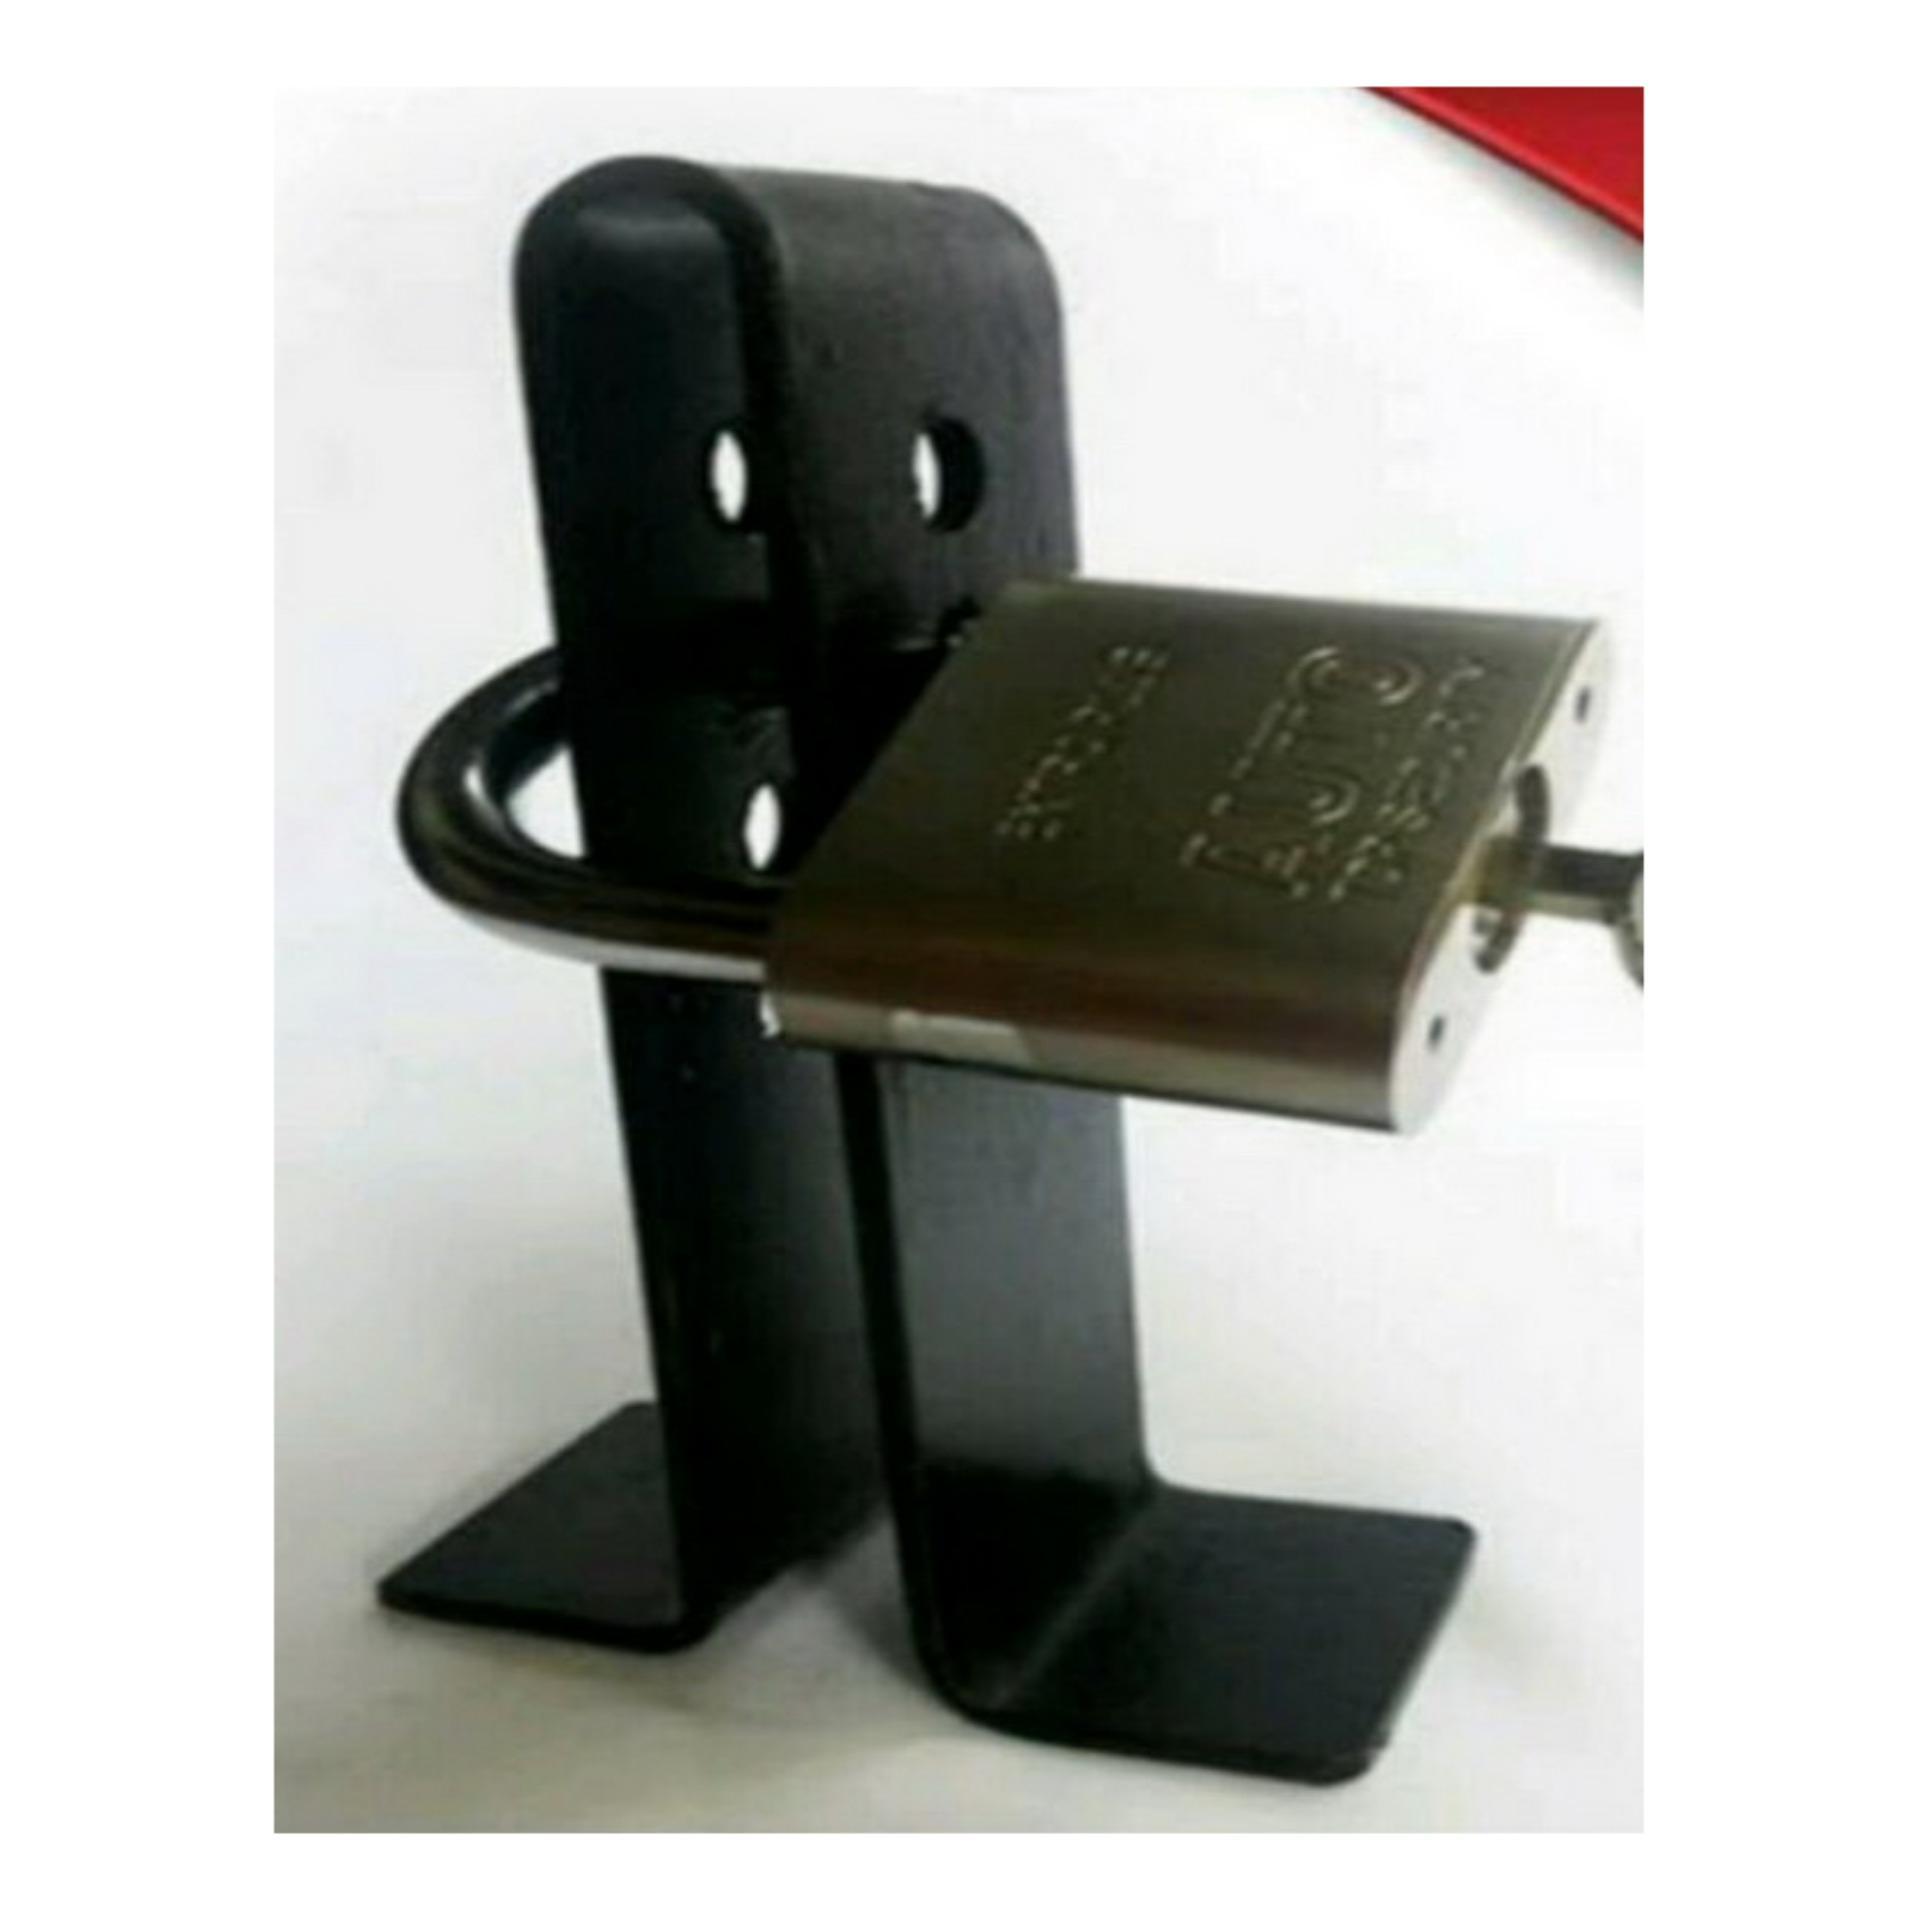 Oklock Kunci Rem Tangan Mobil Anti Maling Car Hand Brake Gear Lock P1 Stir Pasang Di Atau Kopling Universal Bisa